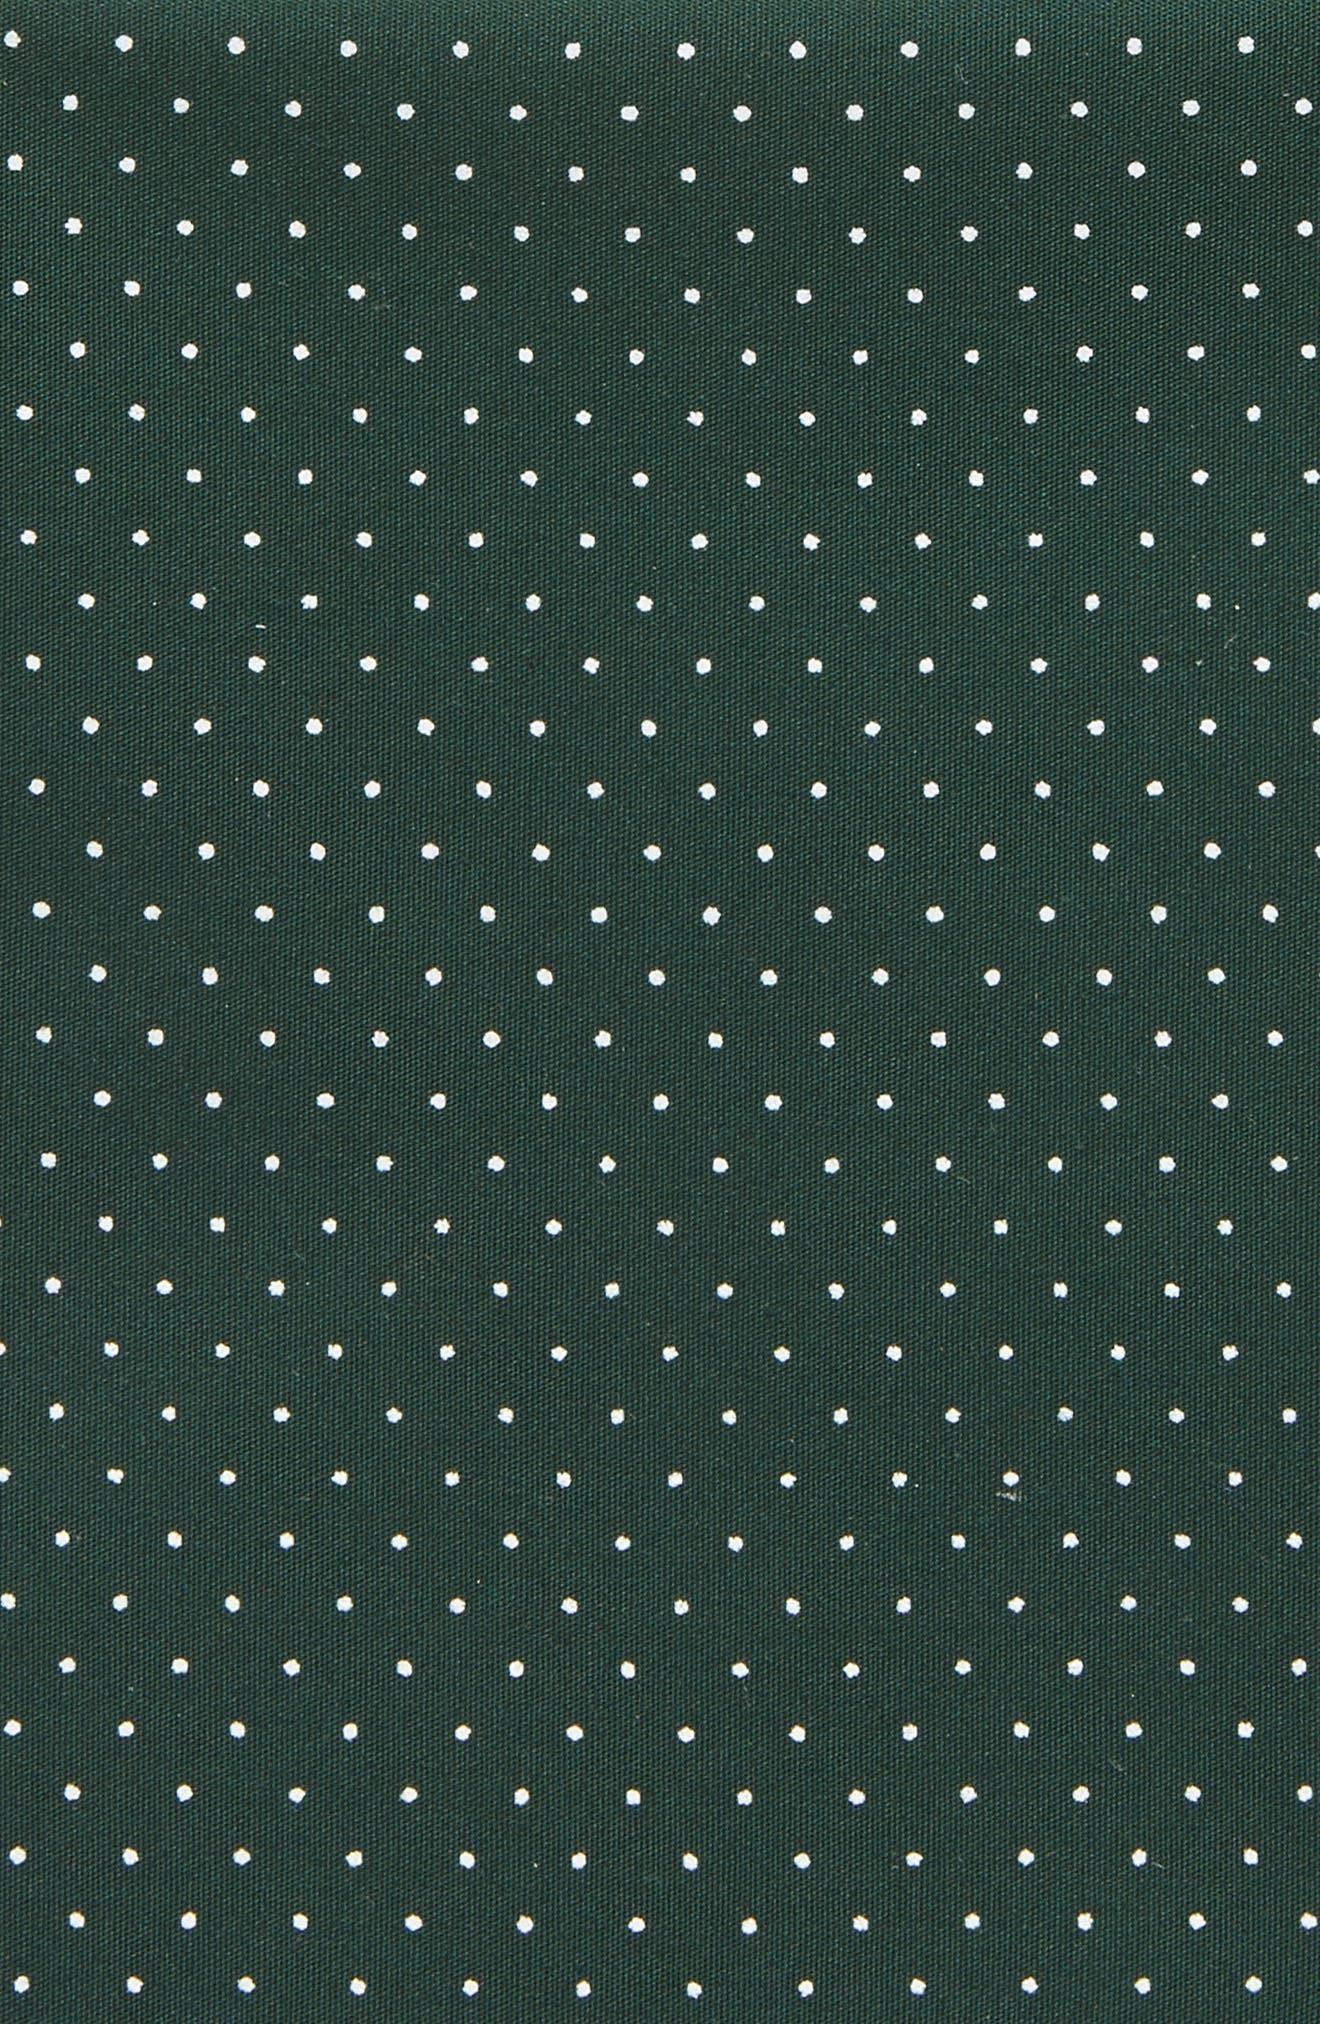 Micro Dot Pocket Square,                             Alternate thumbnail 6, color,